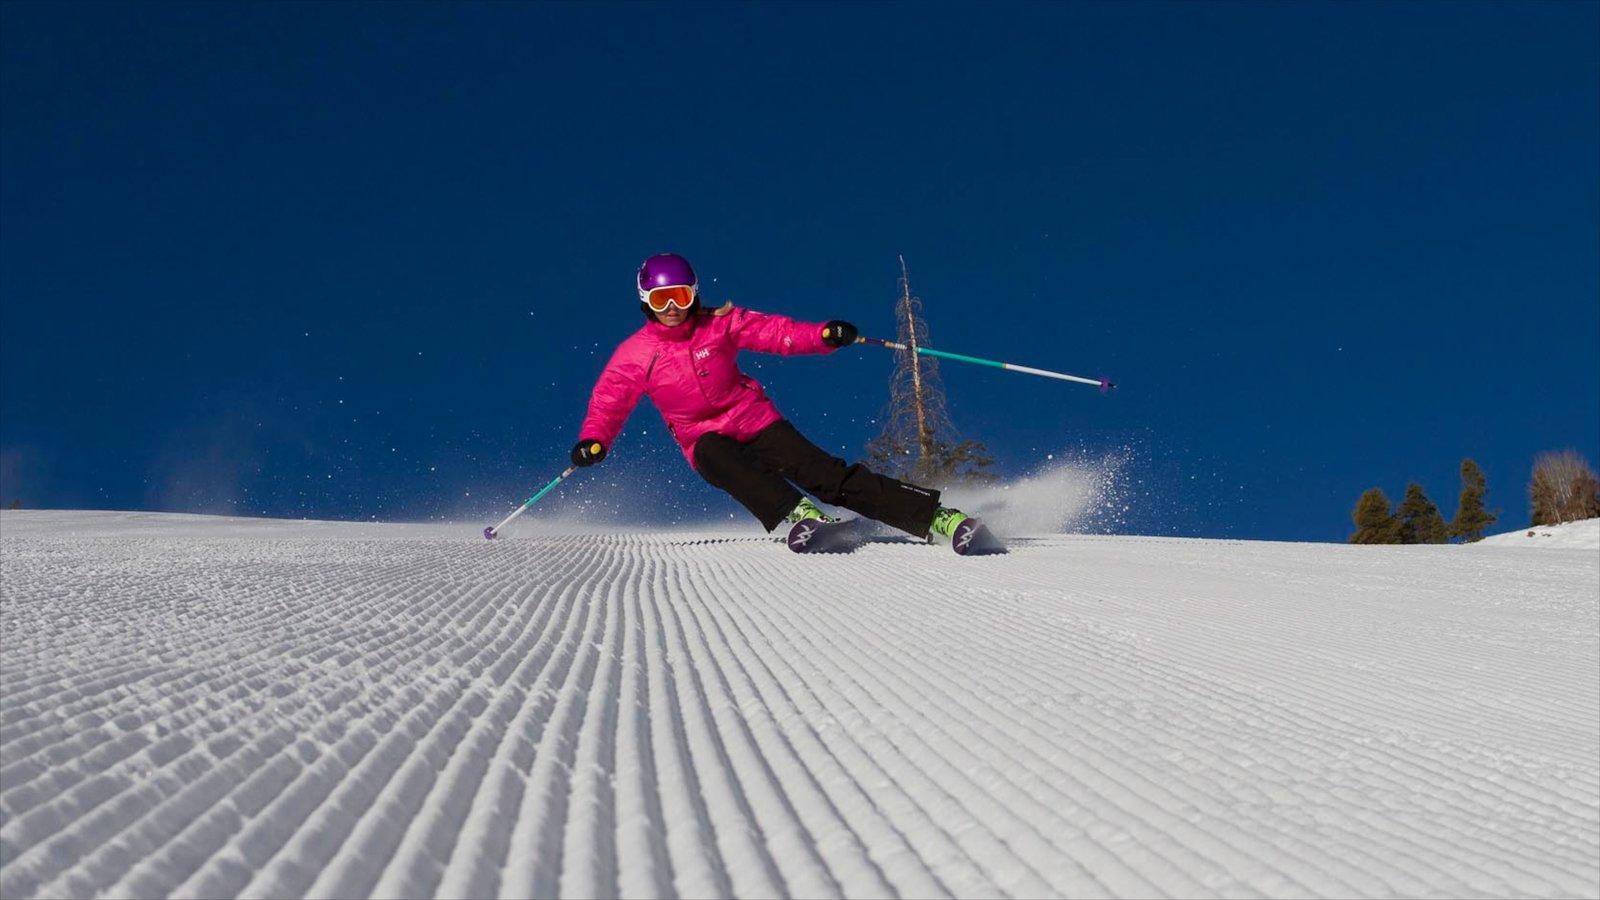 Vail - Beaver Creek caracterizando neve e esqui na neve assim como uma mulher sozinha